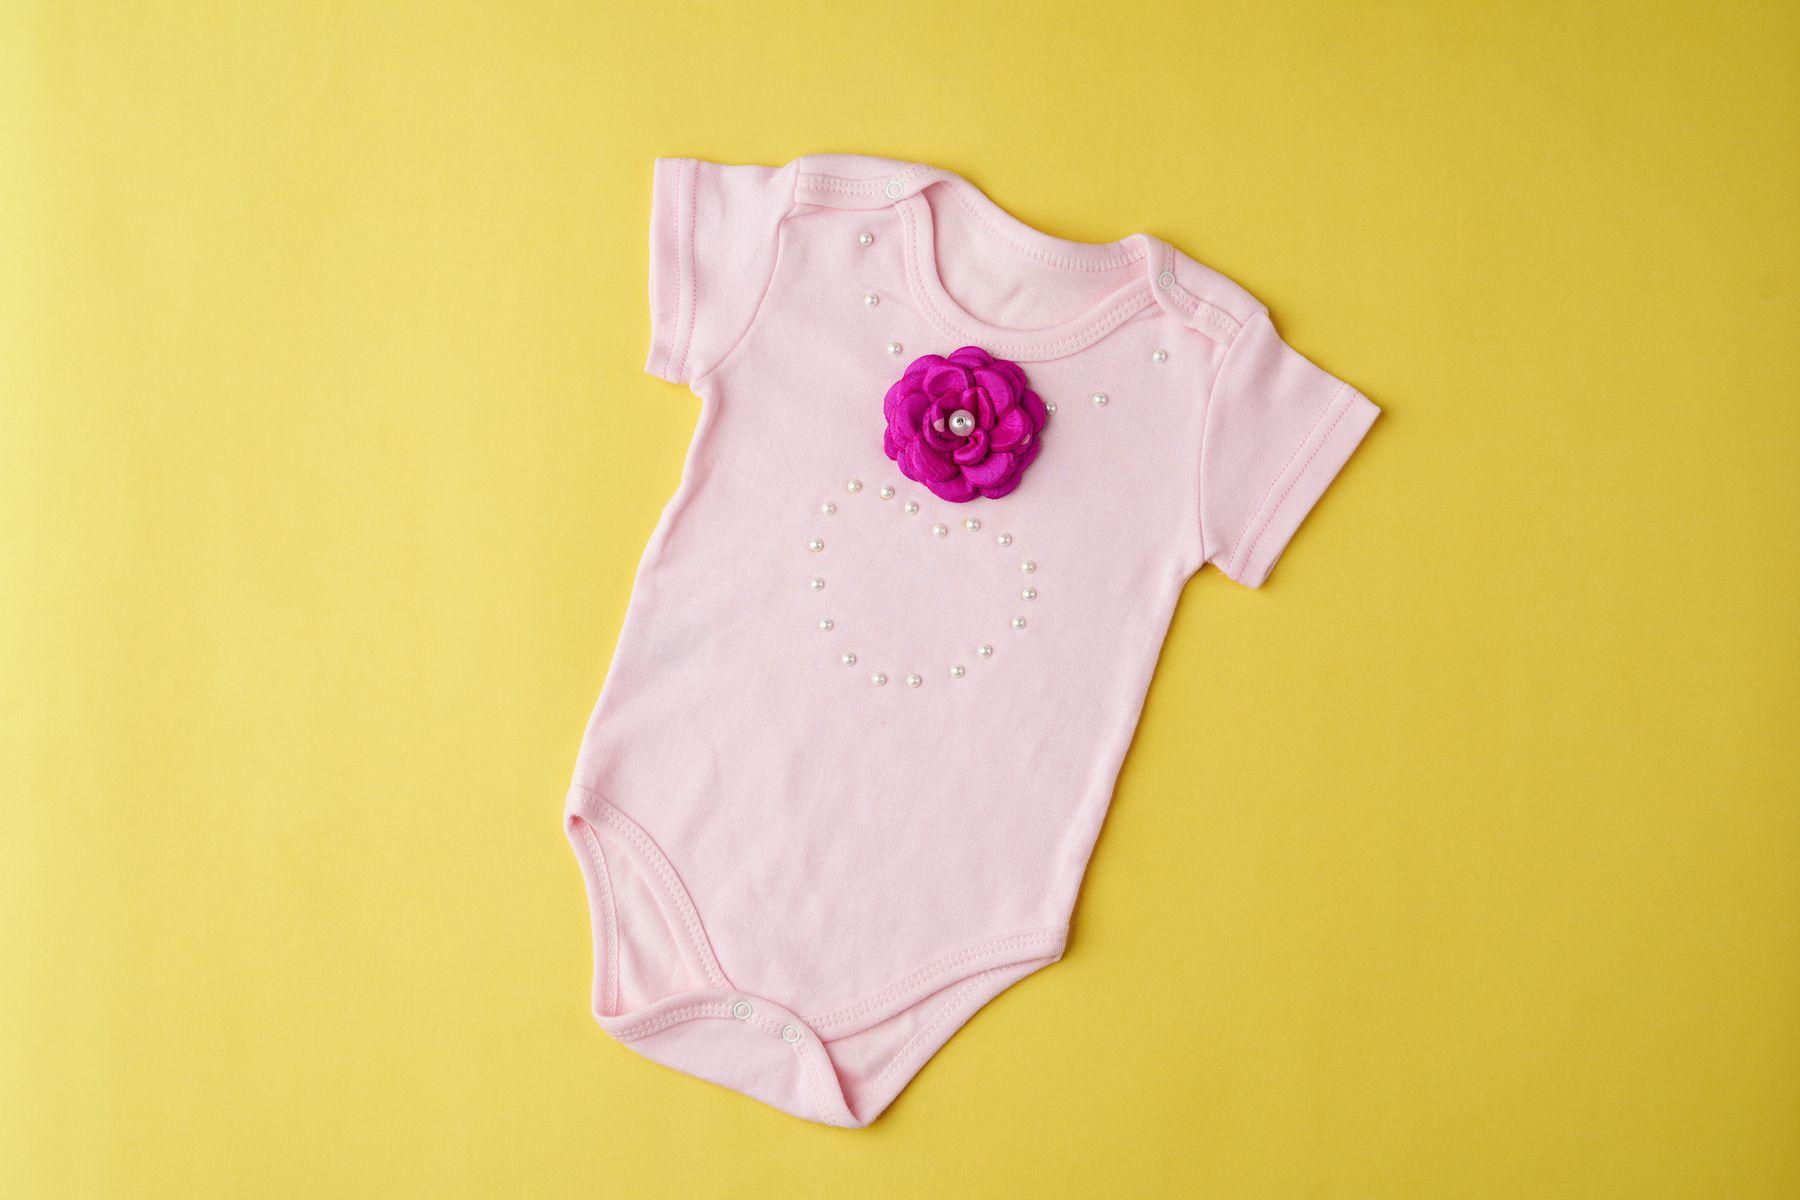 Bebek kıyafetlerinde sarı lekeler